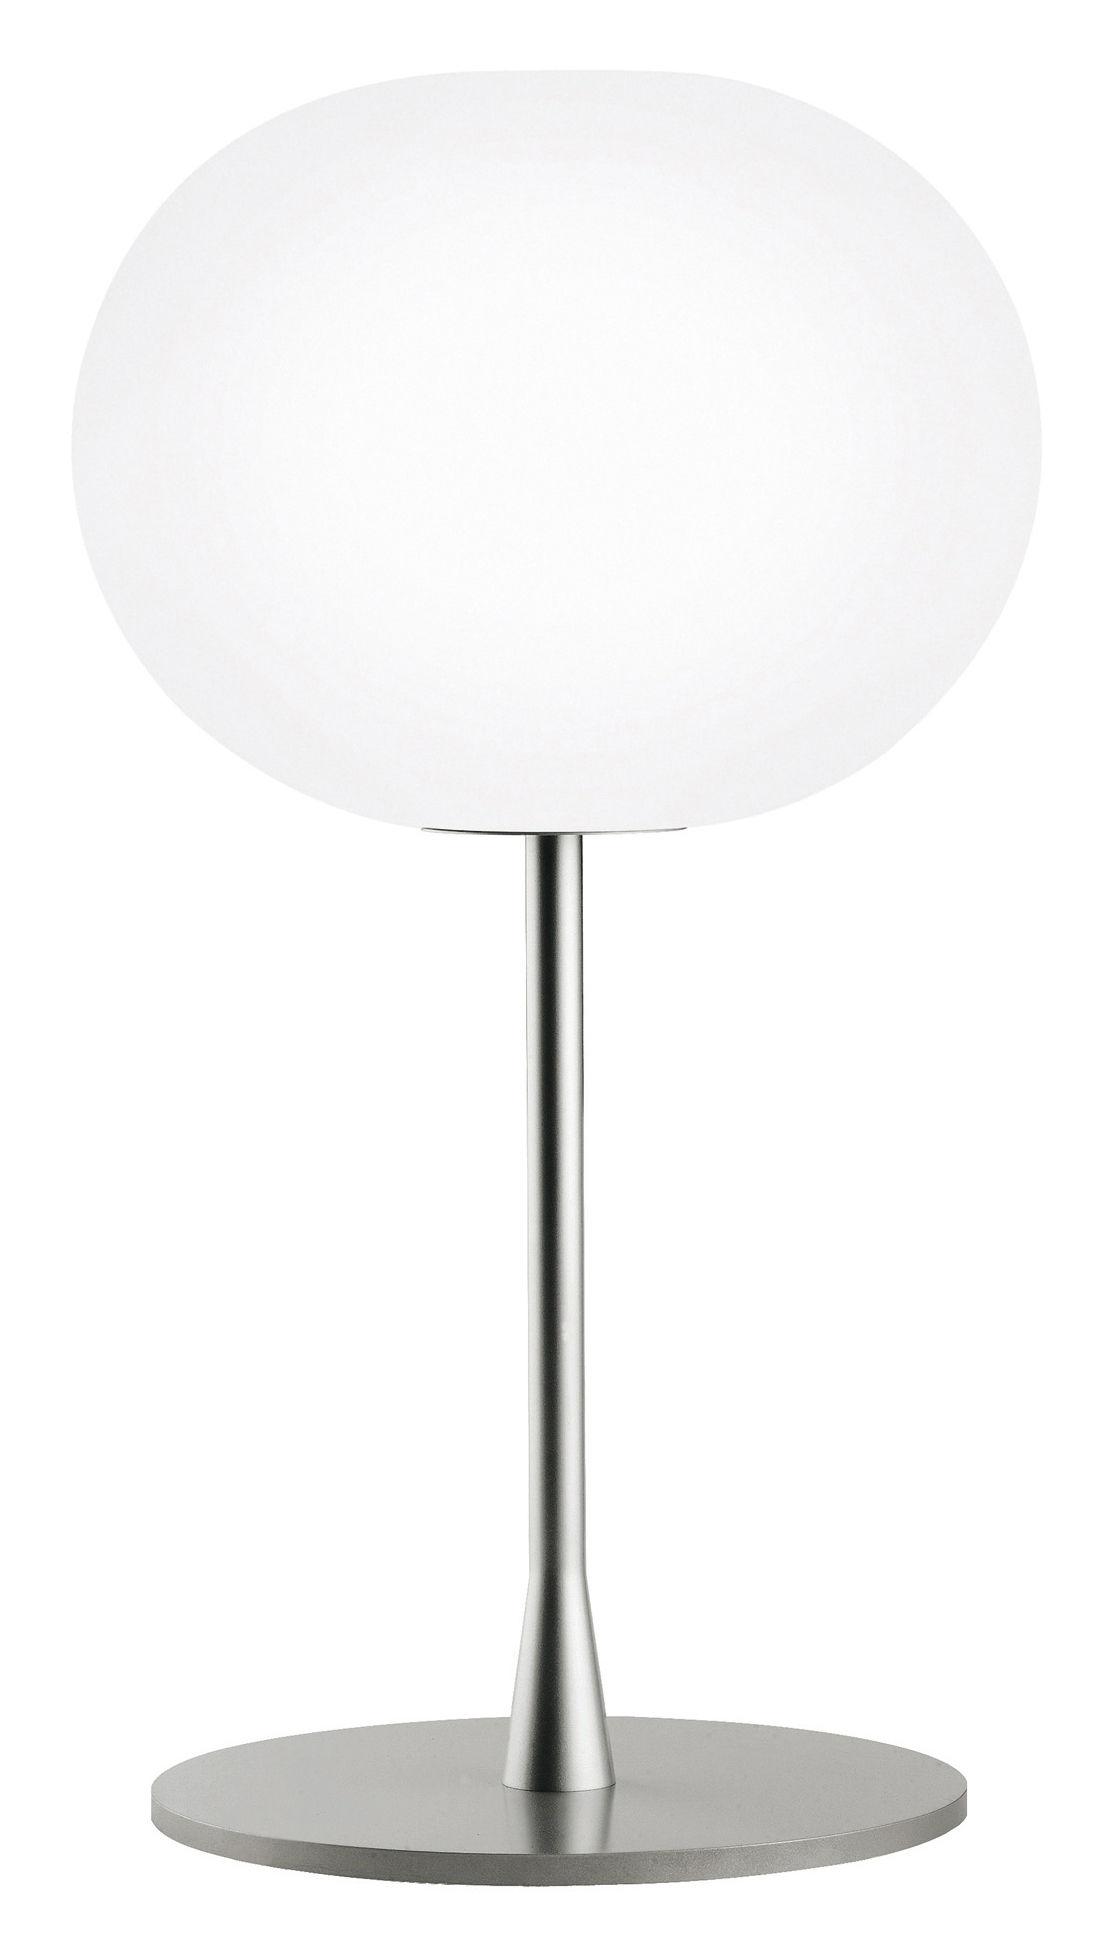 Luminaire - Lampes de table - Lampe de table Glo-Ball T1 H 60 cm - Flos - H 60 cm - Acier, Verre